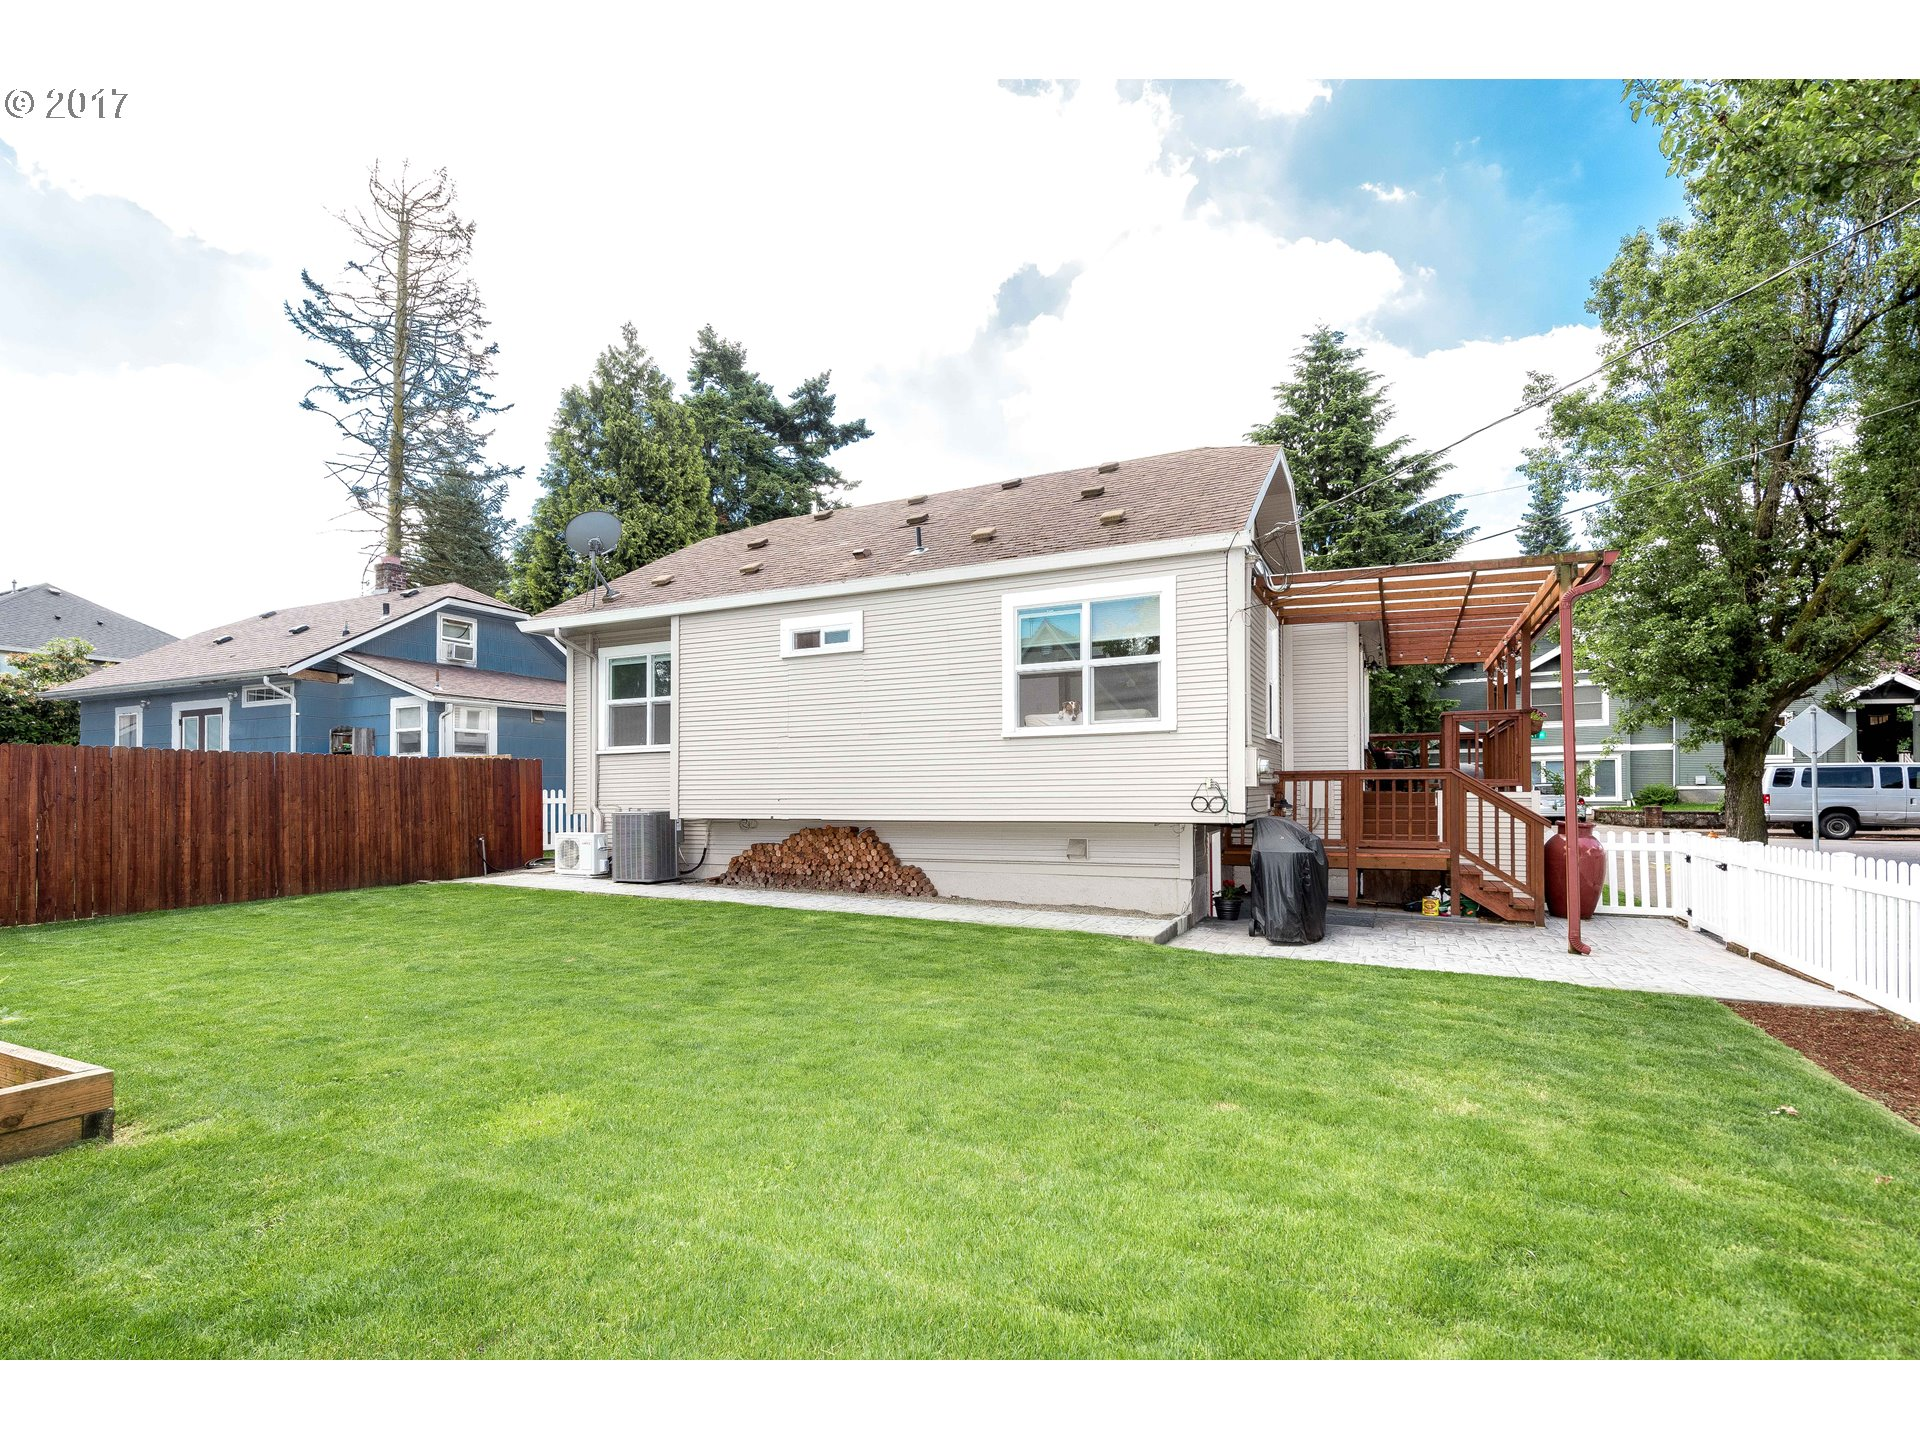 2585 N HUNT ST Portland, OR 97217 - MLS #: 17615631